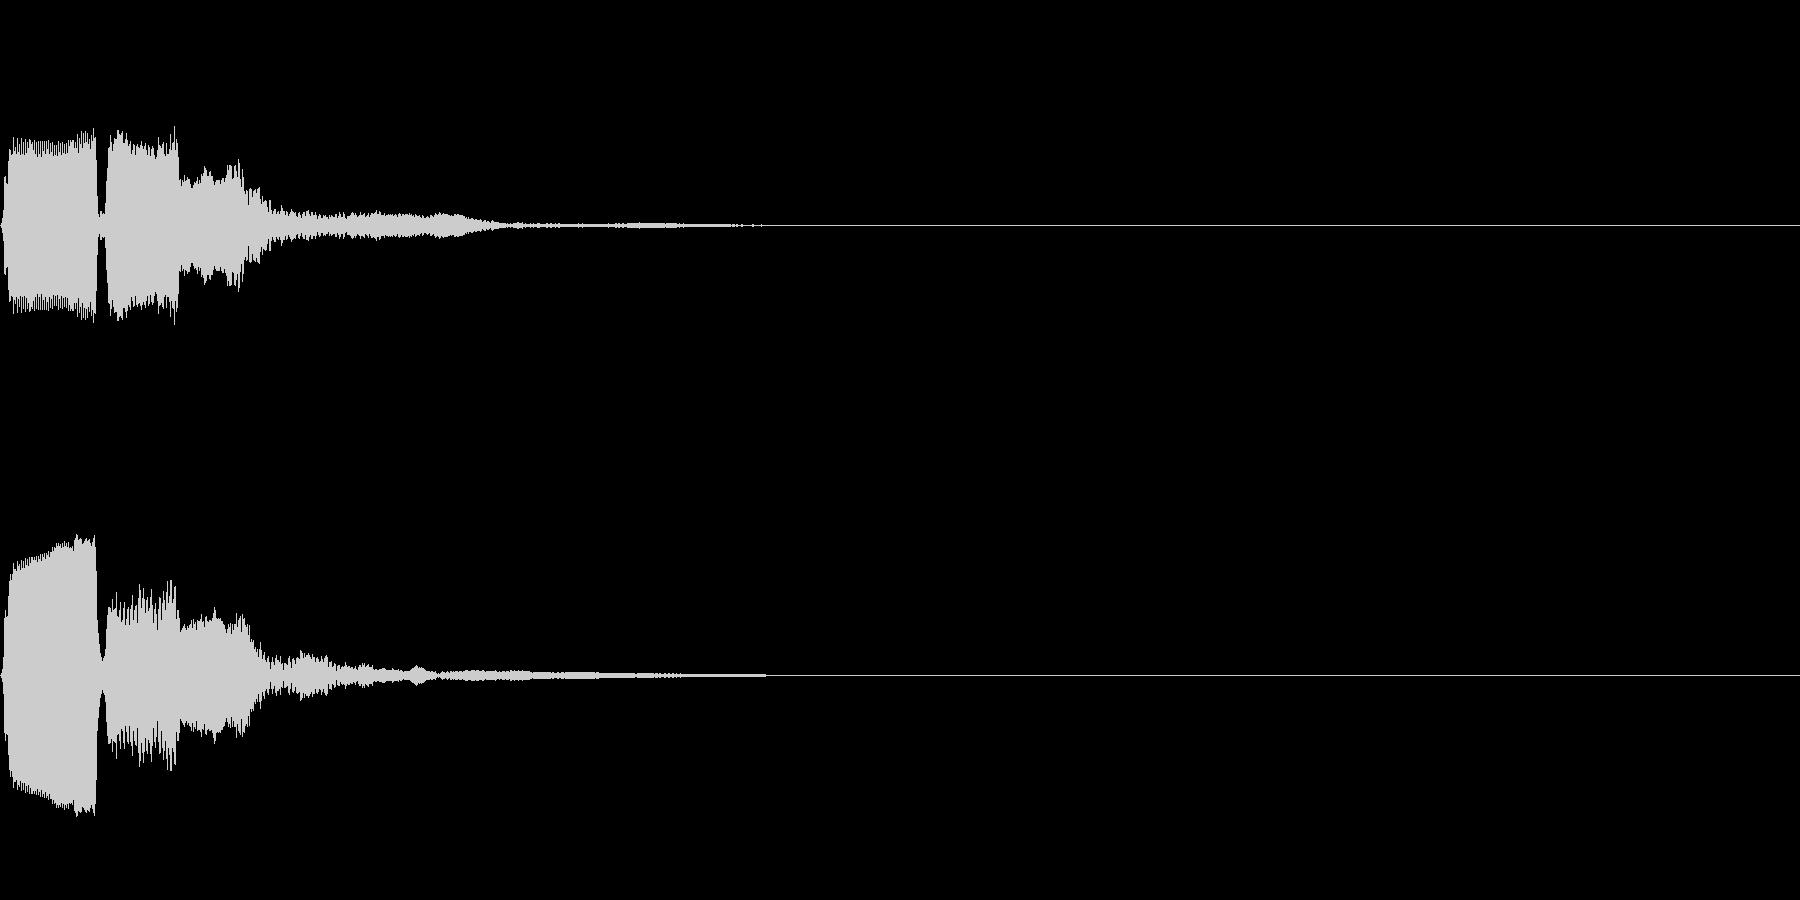 シンプルな効果音 デジタルなピコの未再生の波形